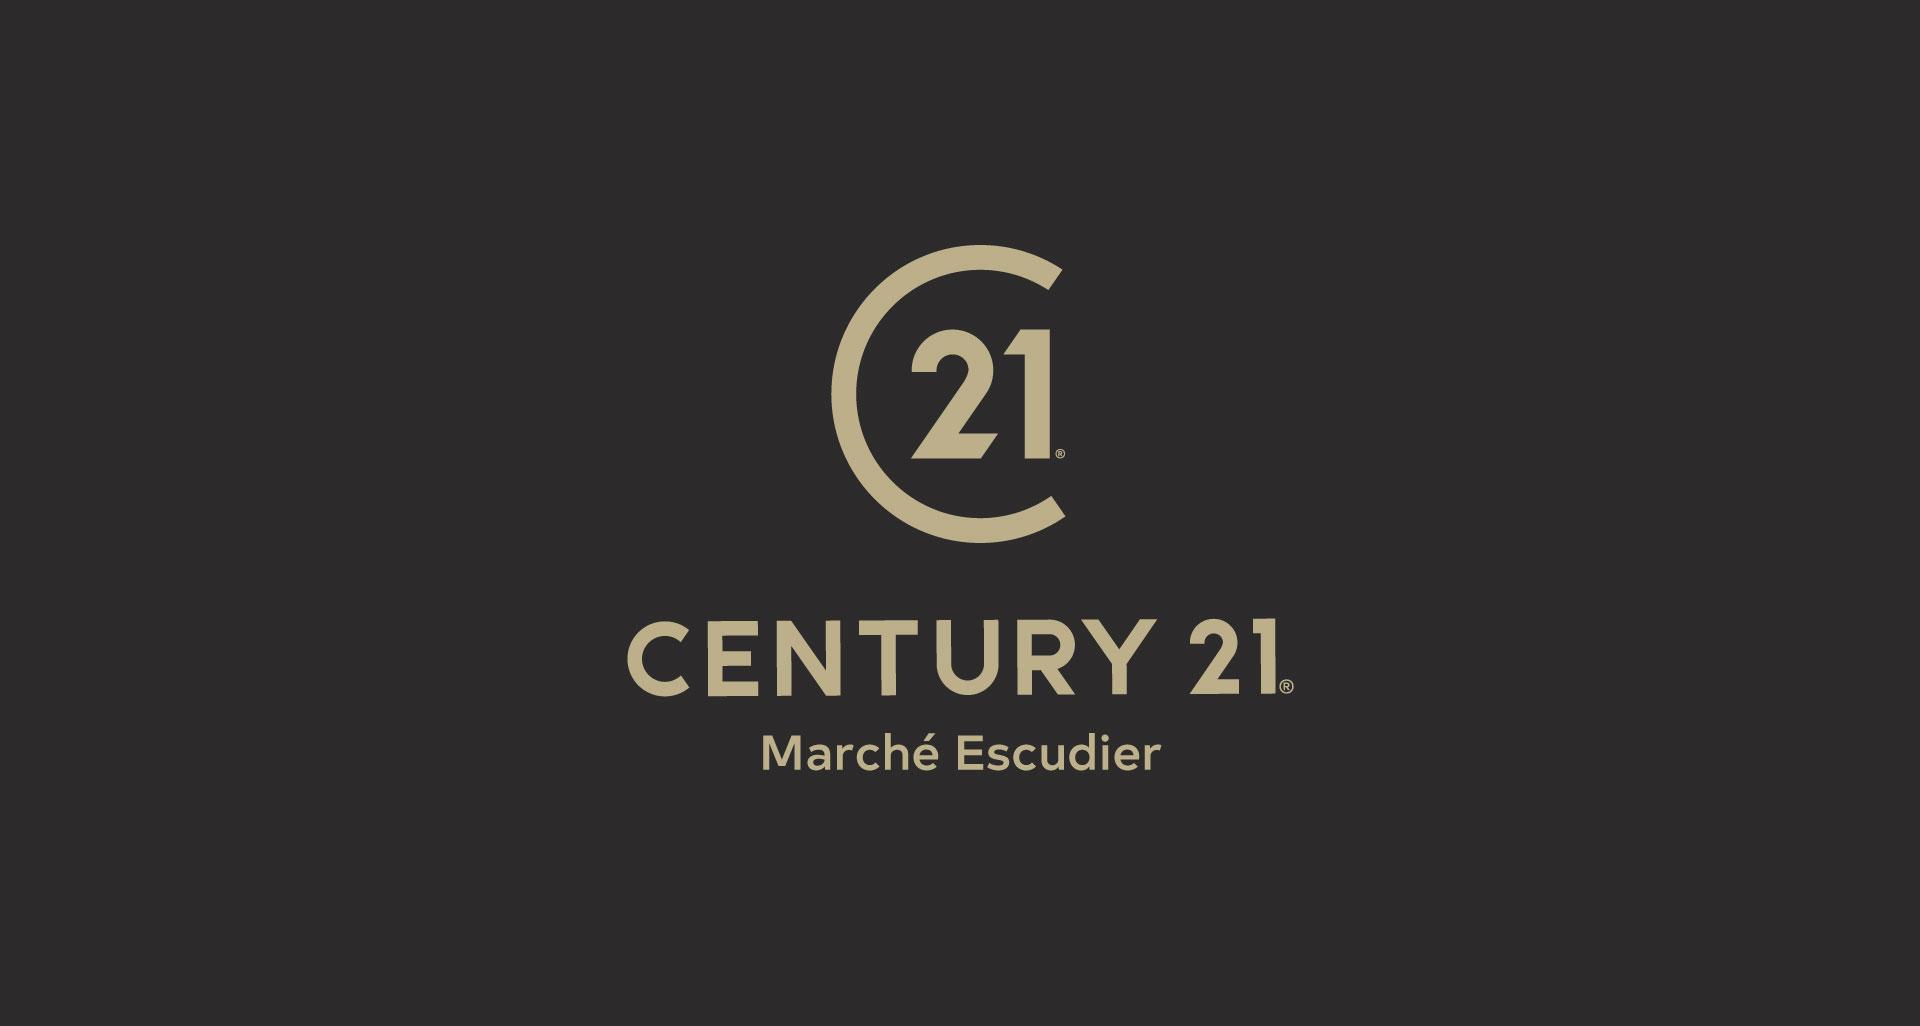 Projet pourCentury 21 Marché Escudier par l'agence Cassian